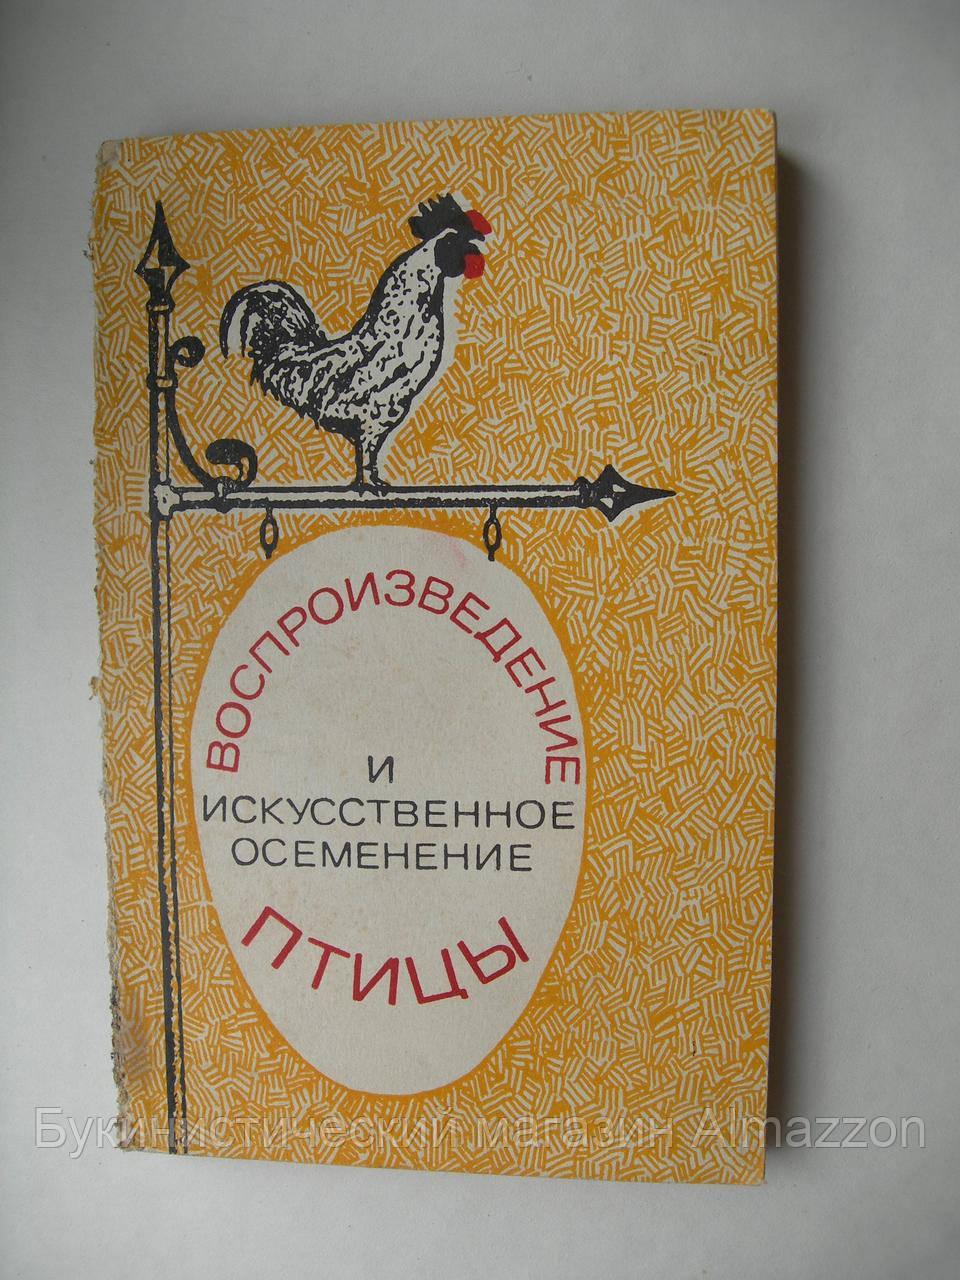 """""""Воспроизведение и искусственное осеменение птицы"""""""